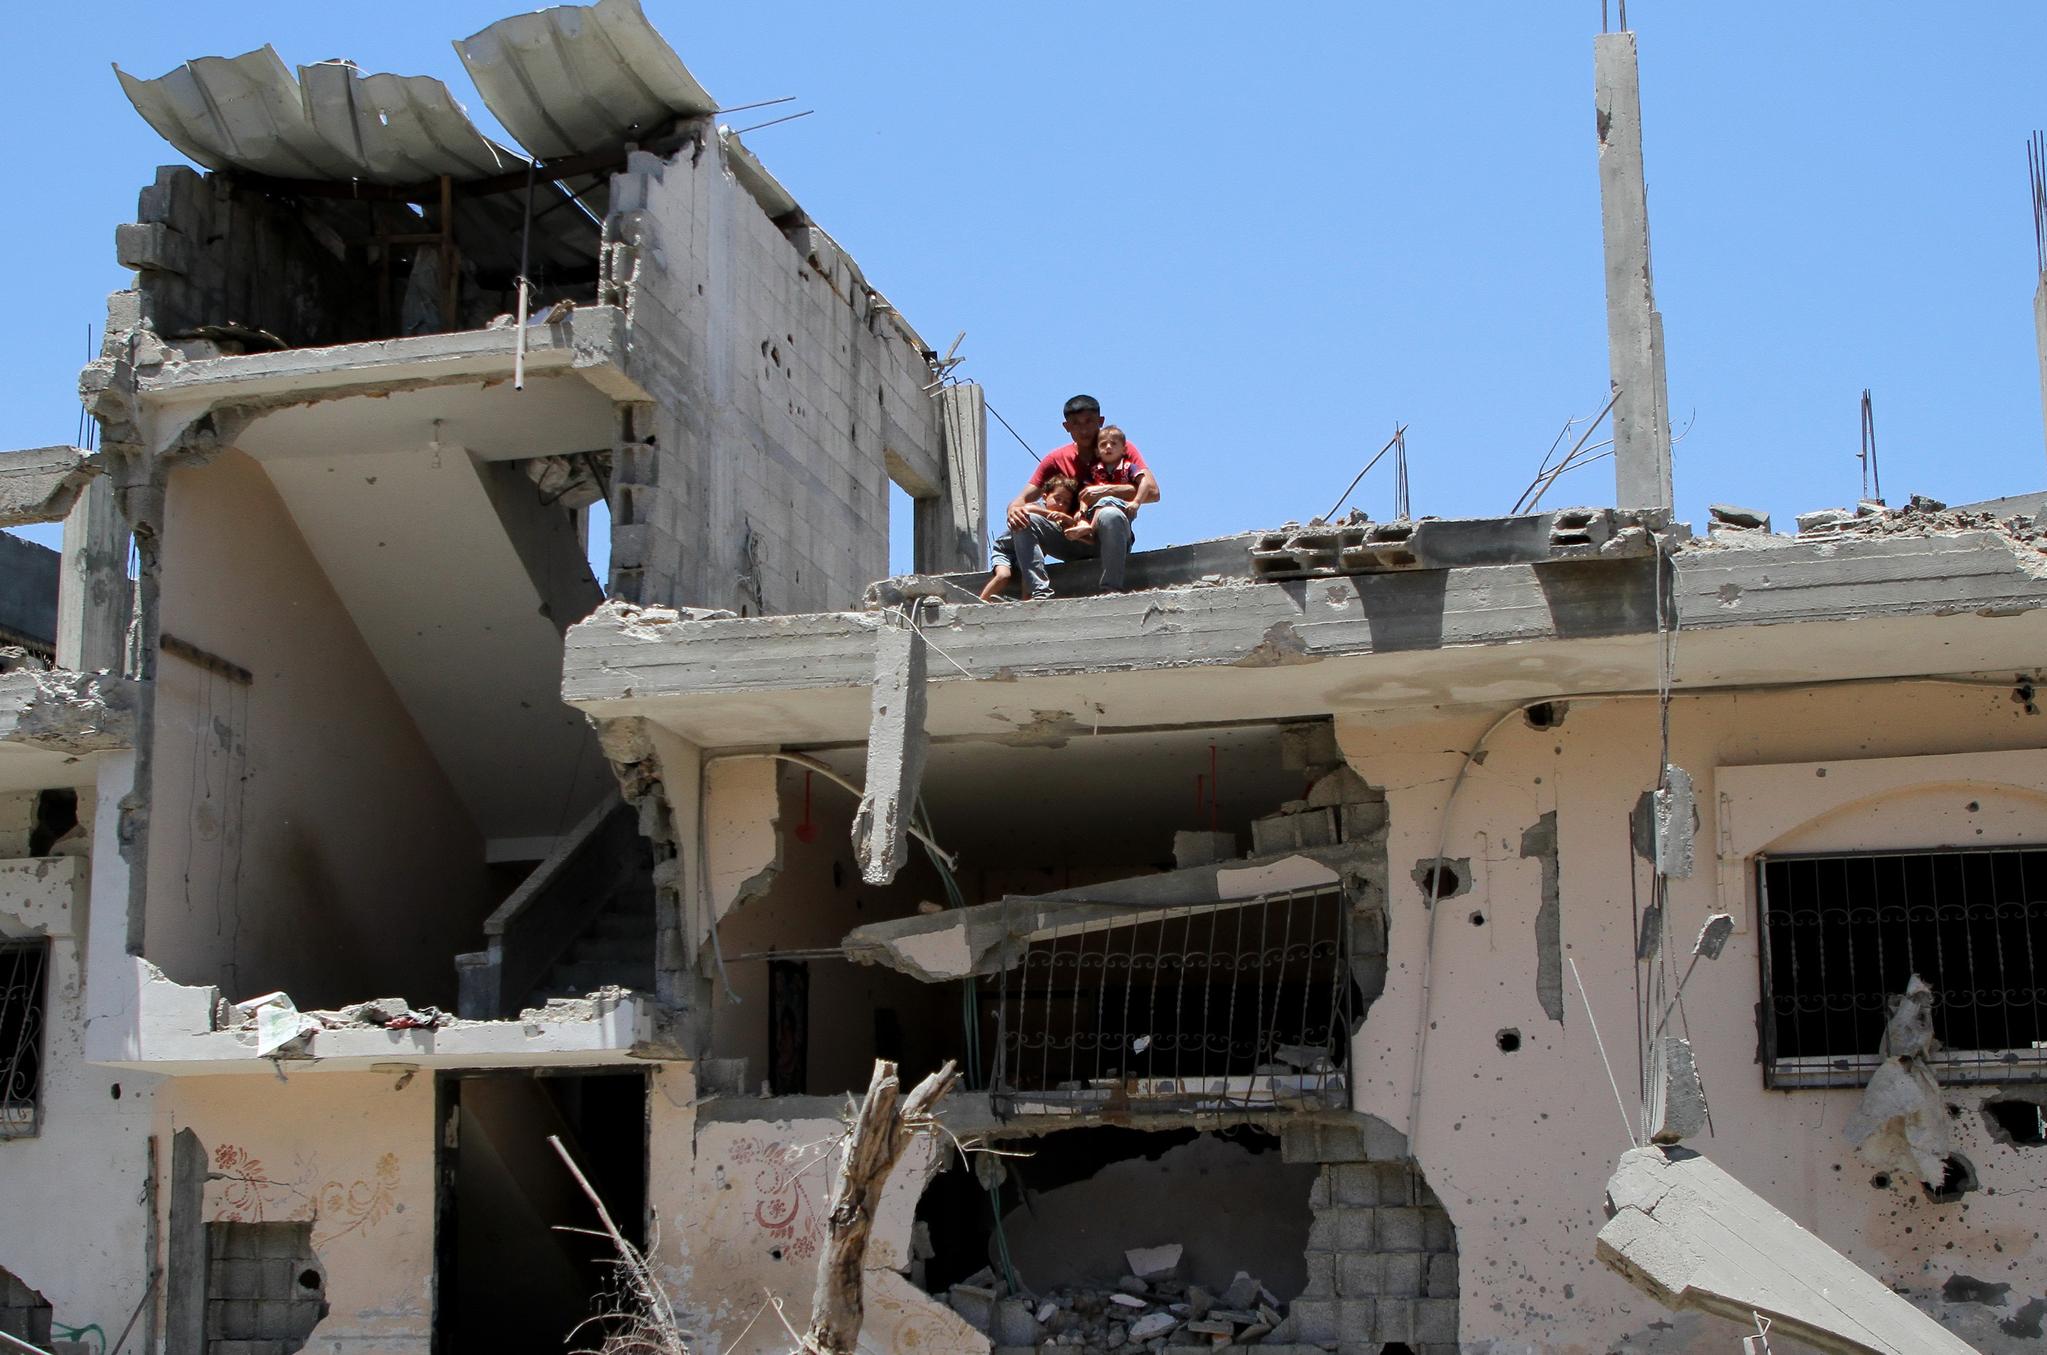 24일(현지시간) 가자지구 북동부 베이트 하눈의 뼈대만 남은 집 옥상에서 한 남성이 두 아들을 안고 있다. 삶의 터전이 열흘간의 전쟁으로 돌무더기로 변했다. 신화=연합뉴스